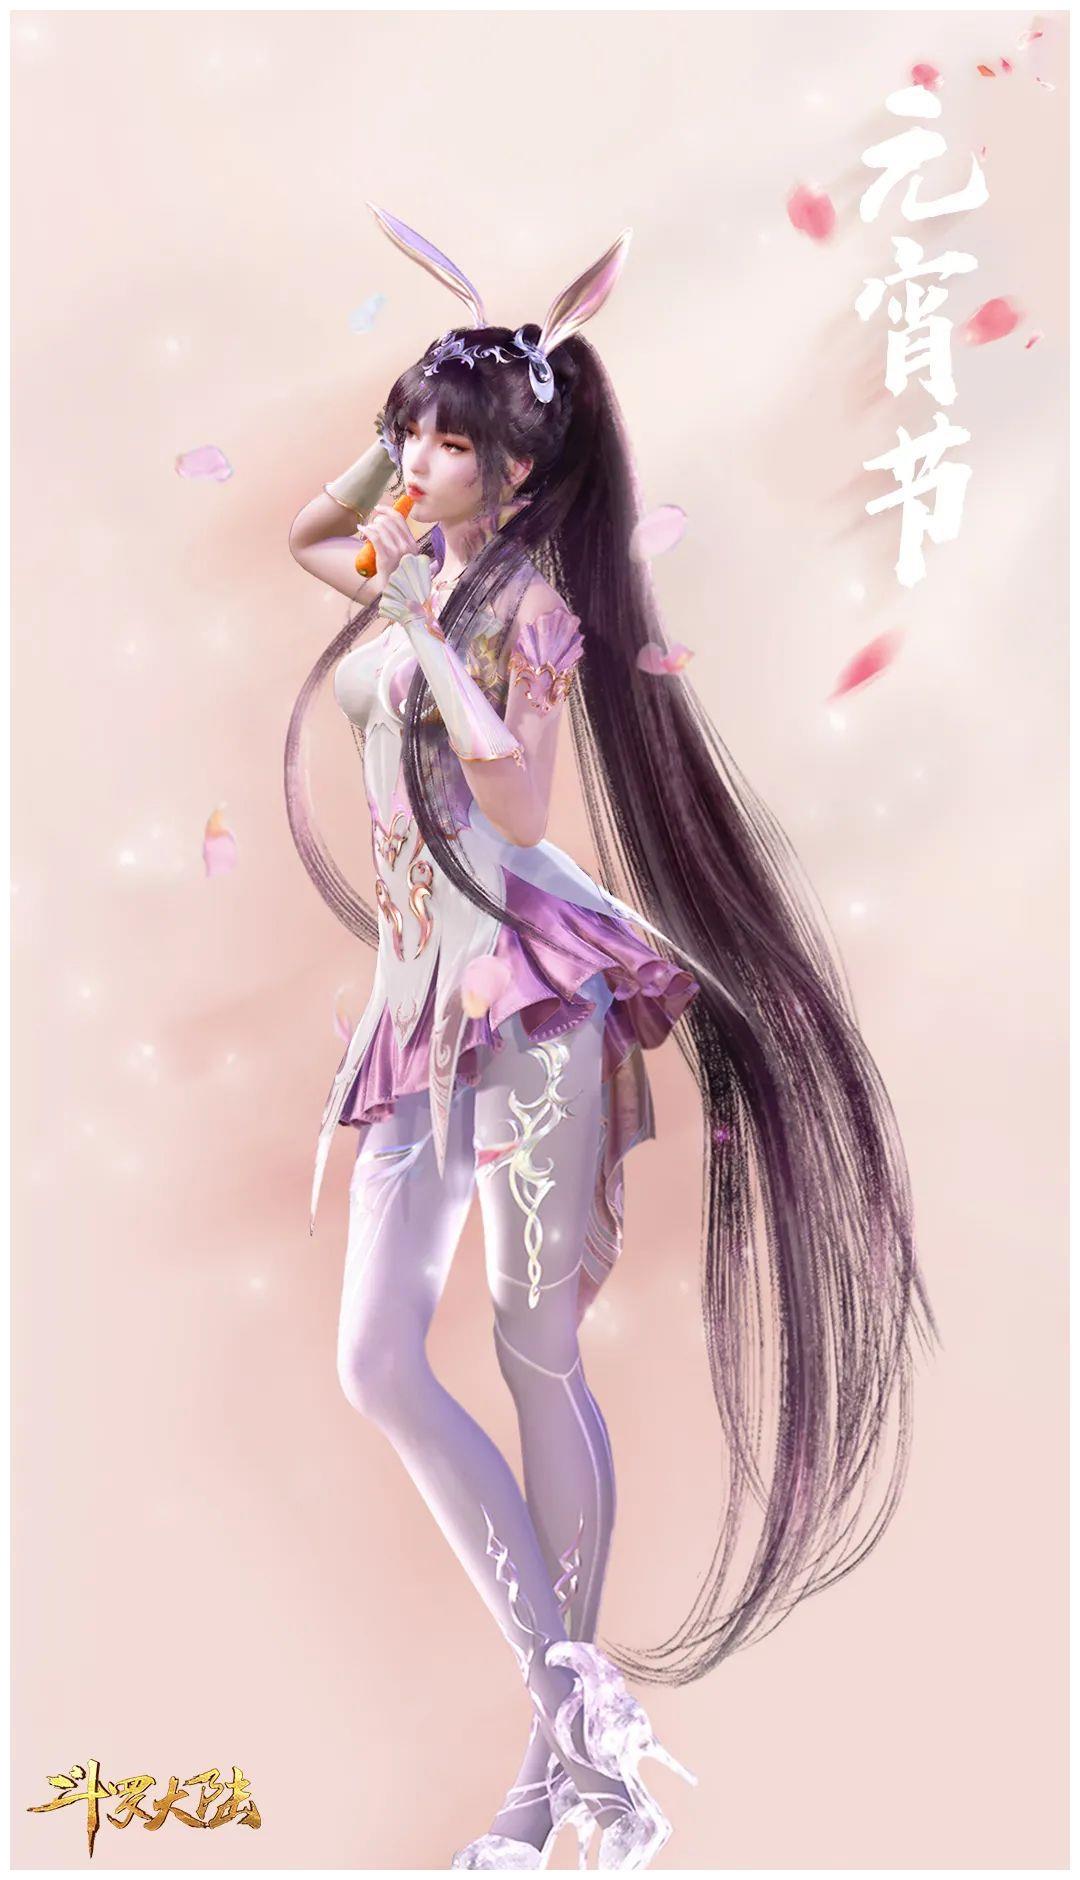 小舞喜提新造型,衣着布料越来越省,粉丝看到后都躁动了